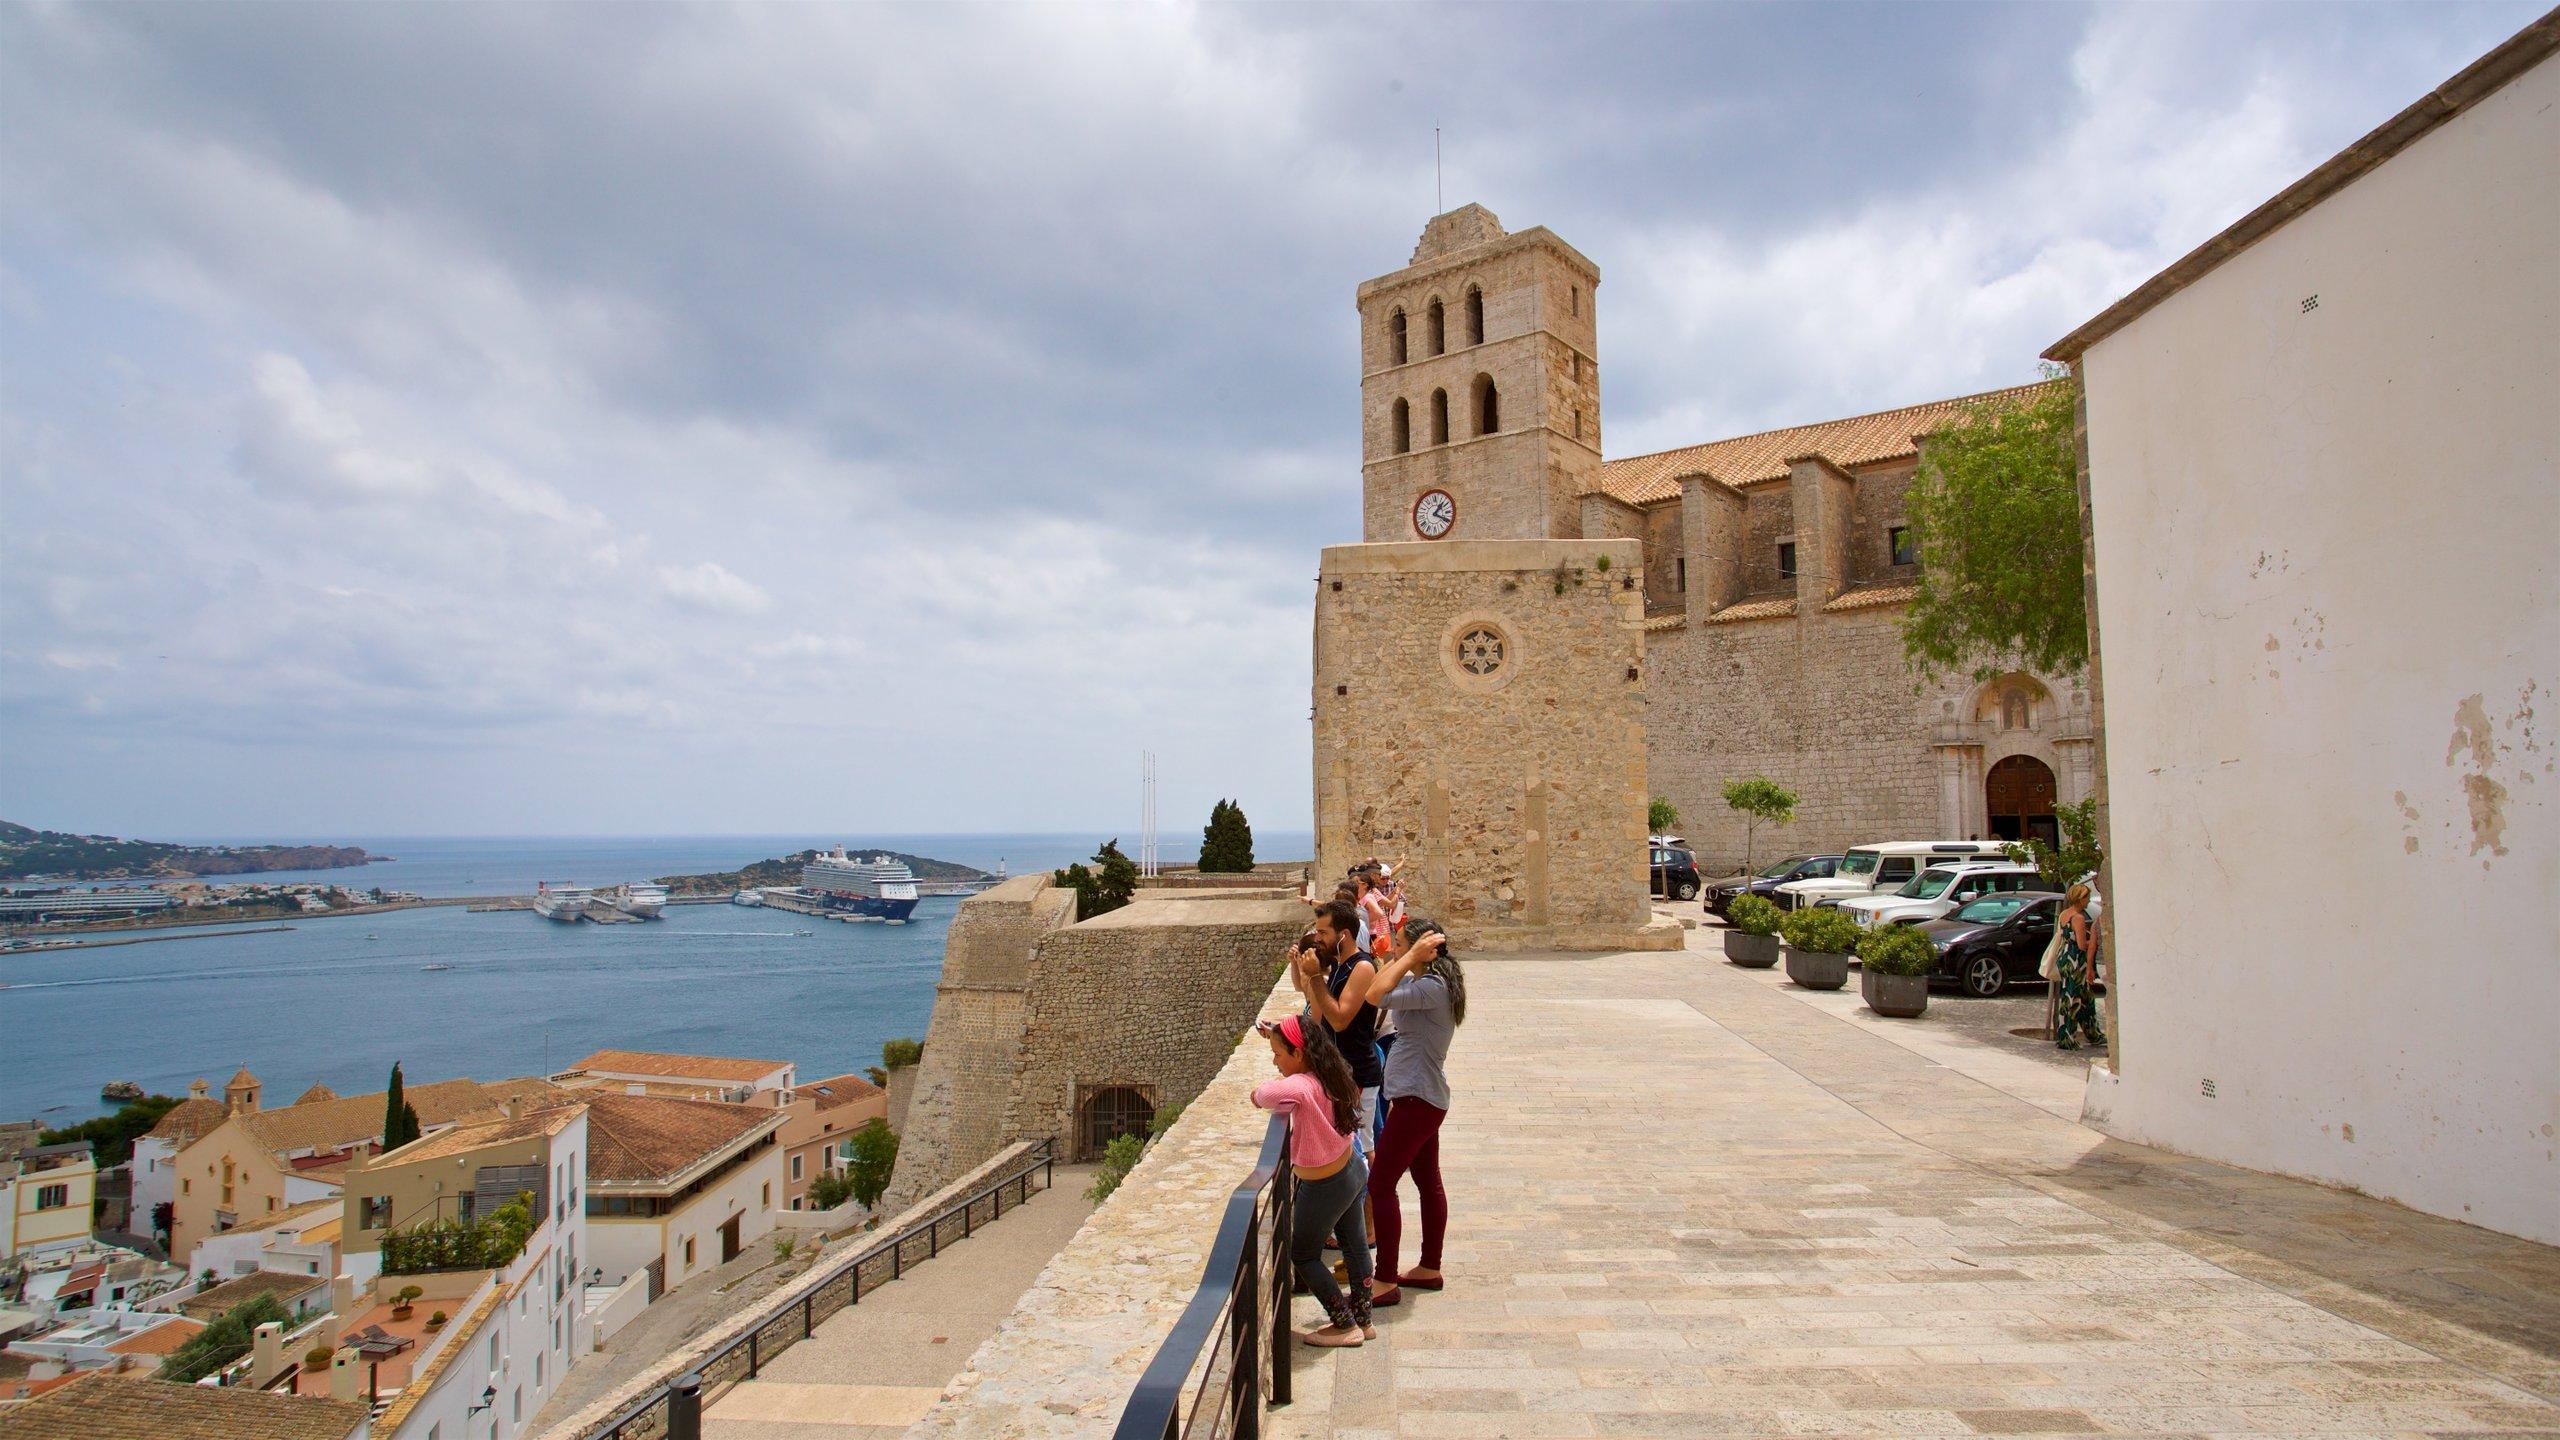 Descubre la historia de Ciudad de Ibiza desde uno de sus puntos más conocidos: Catedral de Ibiza. Y, ya que estás aquí, ¿por qué no darte algún que otro chapuzón en la playa o salir de bares?